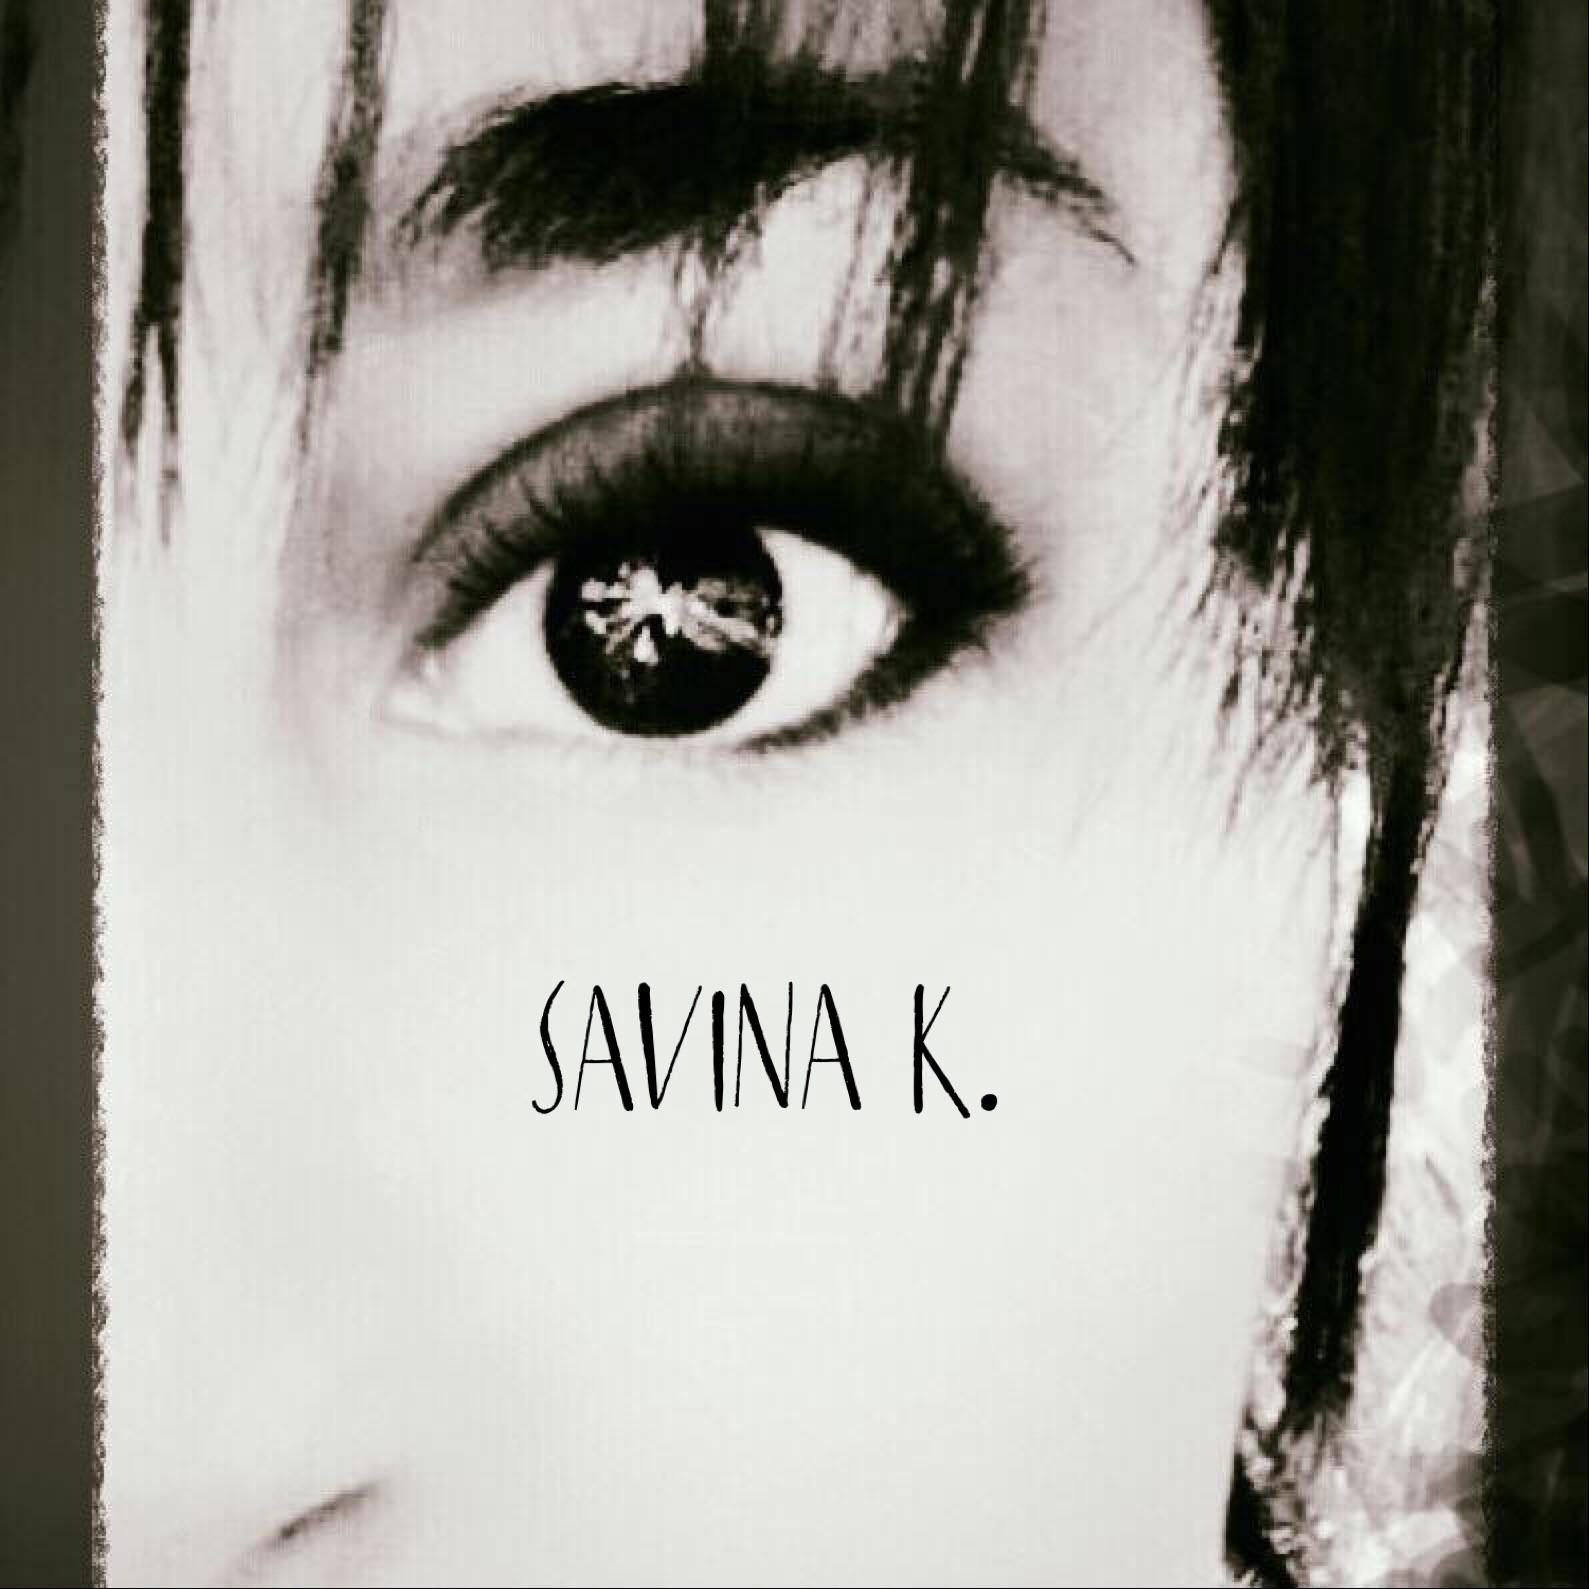 Savina K.